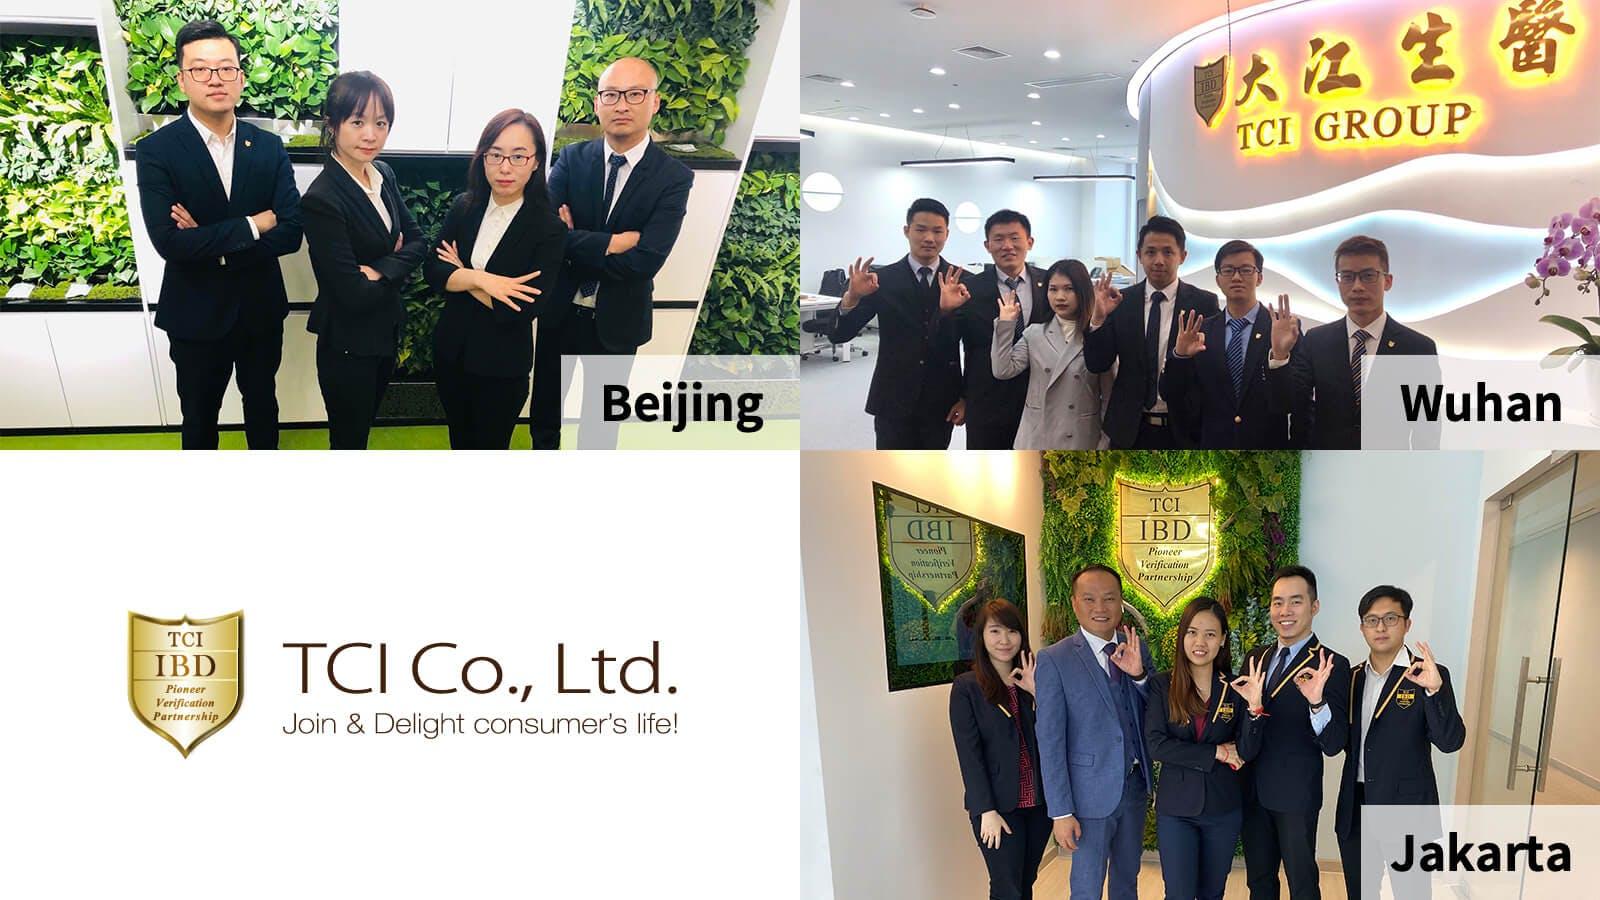 TCI Beijing, Wuhan, Jakarta